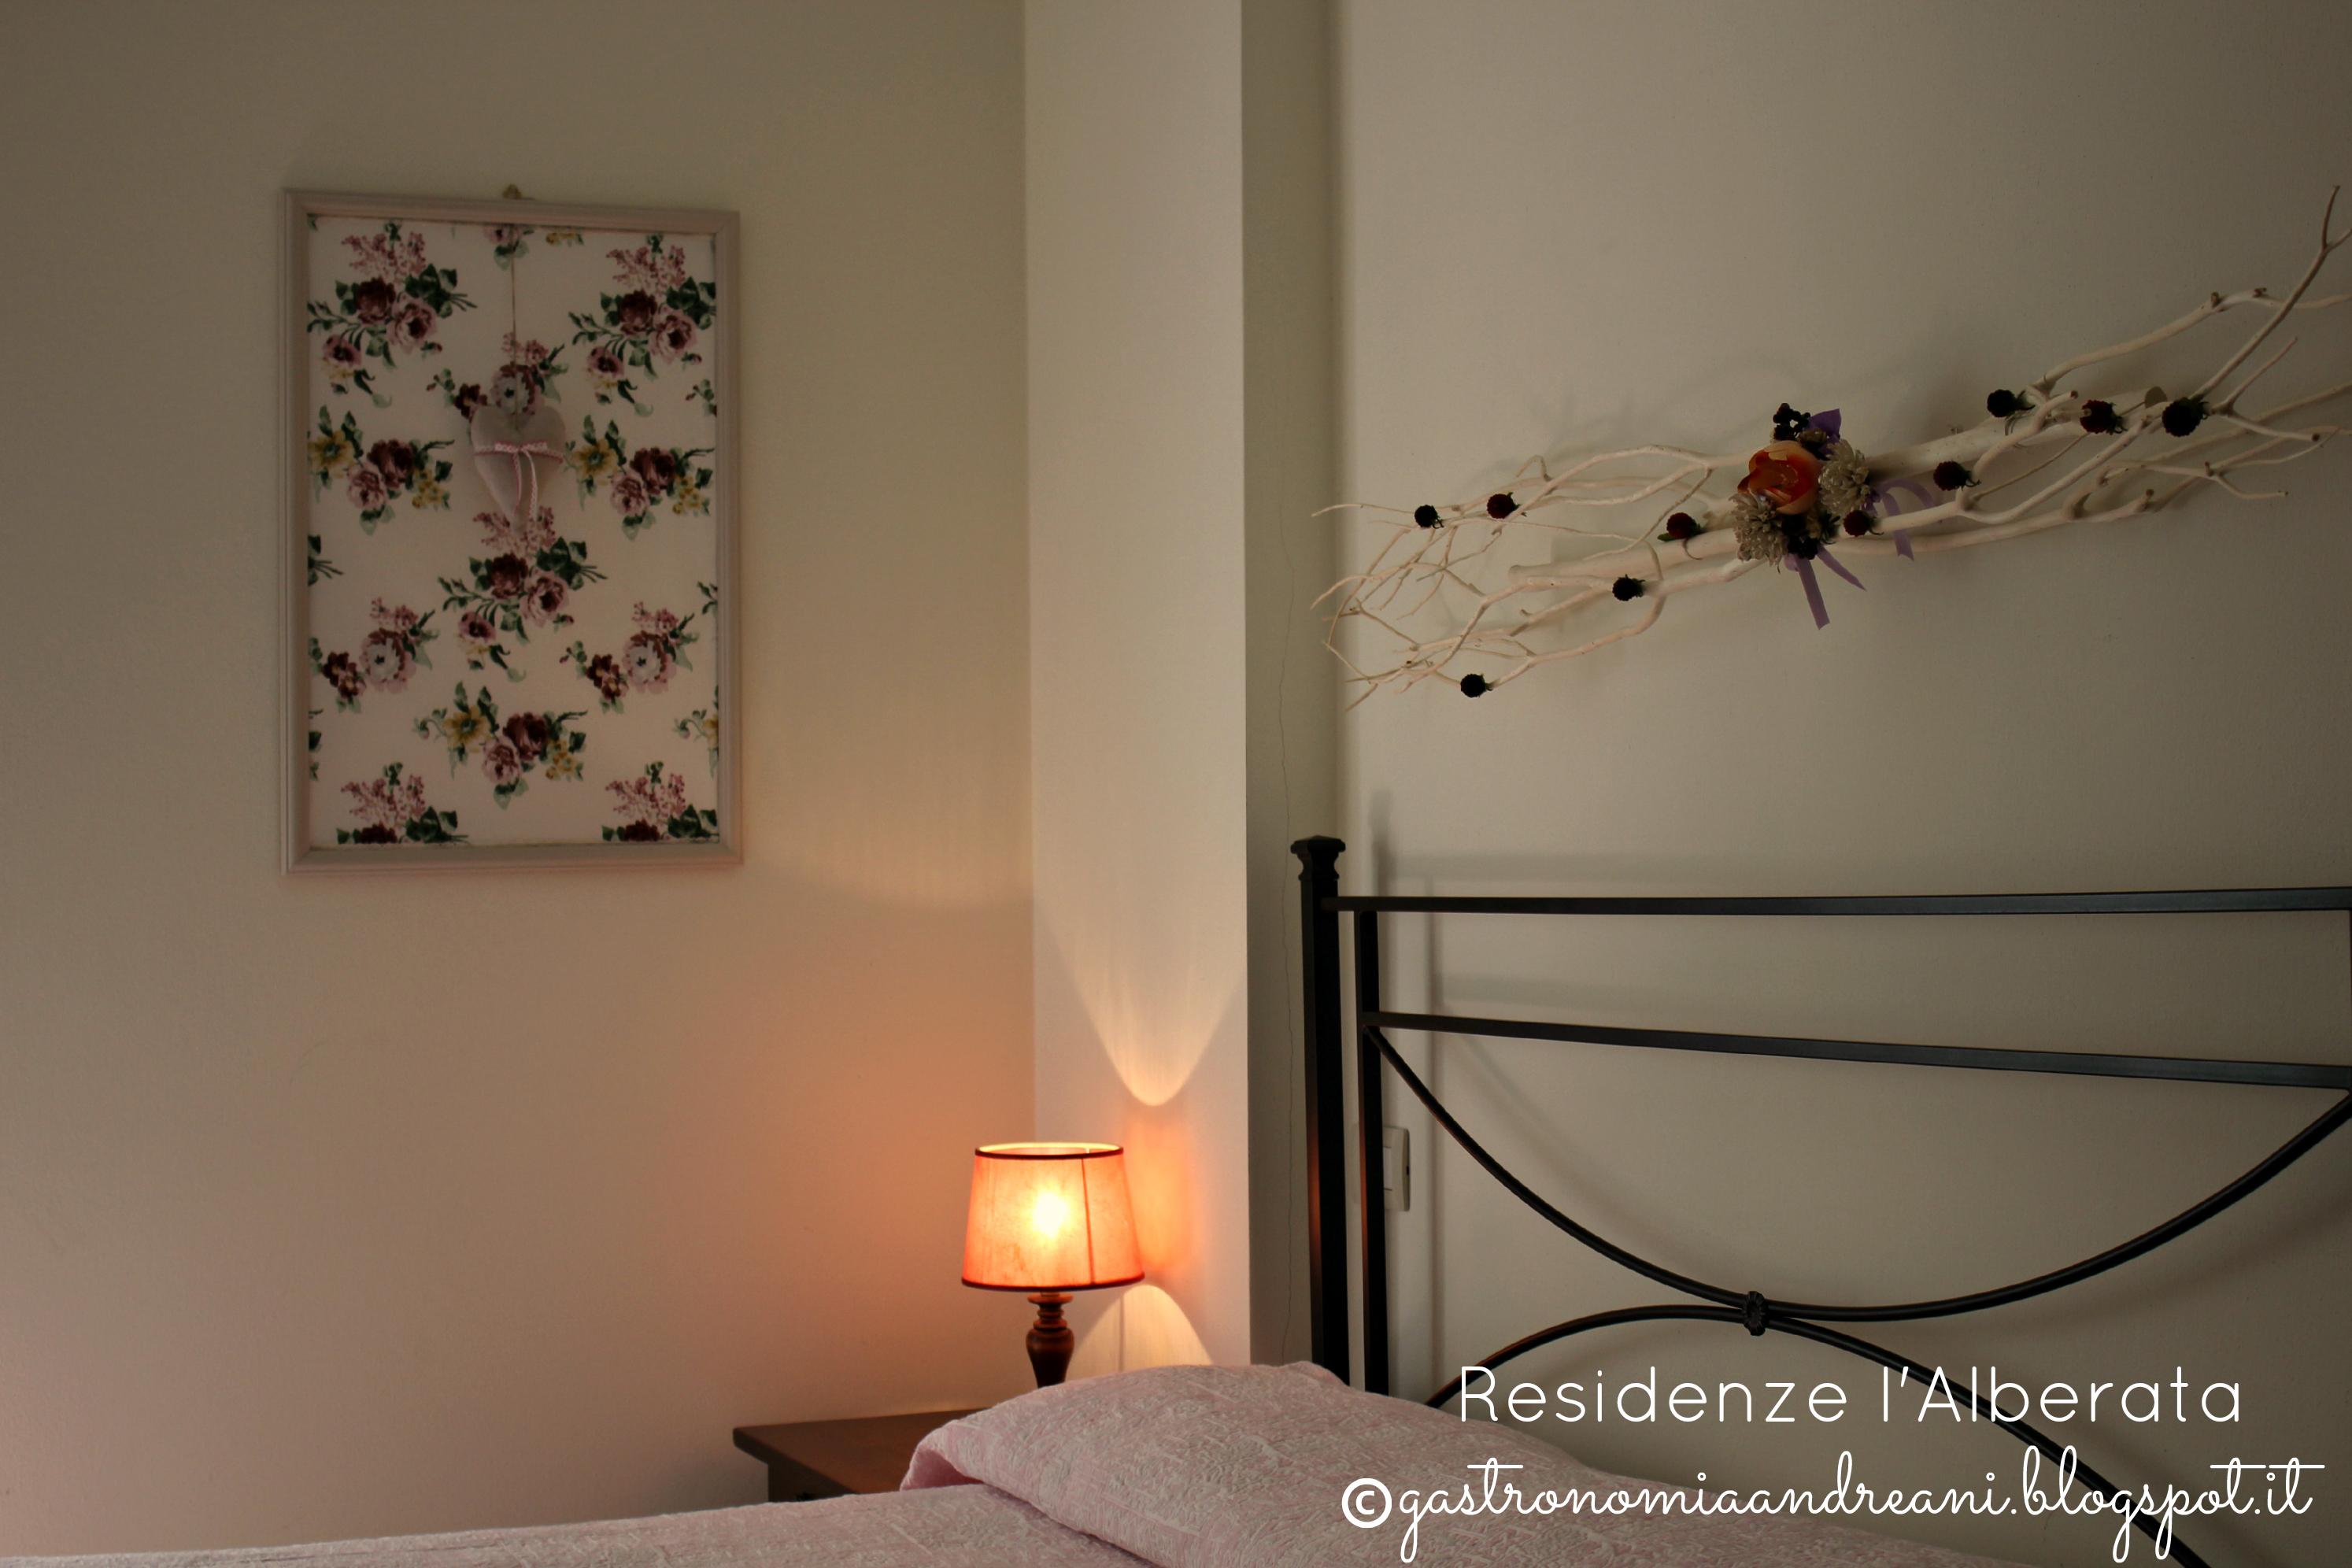 Appartamento Fabiola - residenzelalberata.com